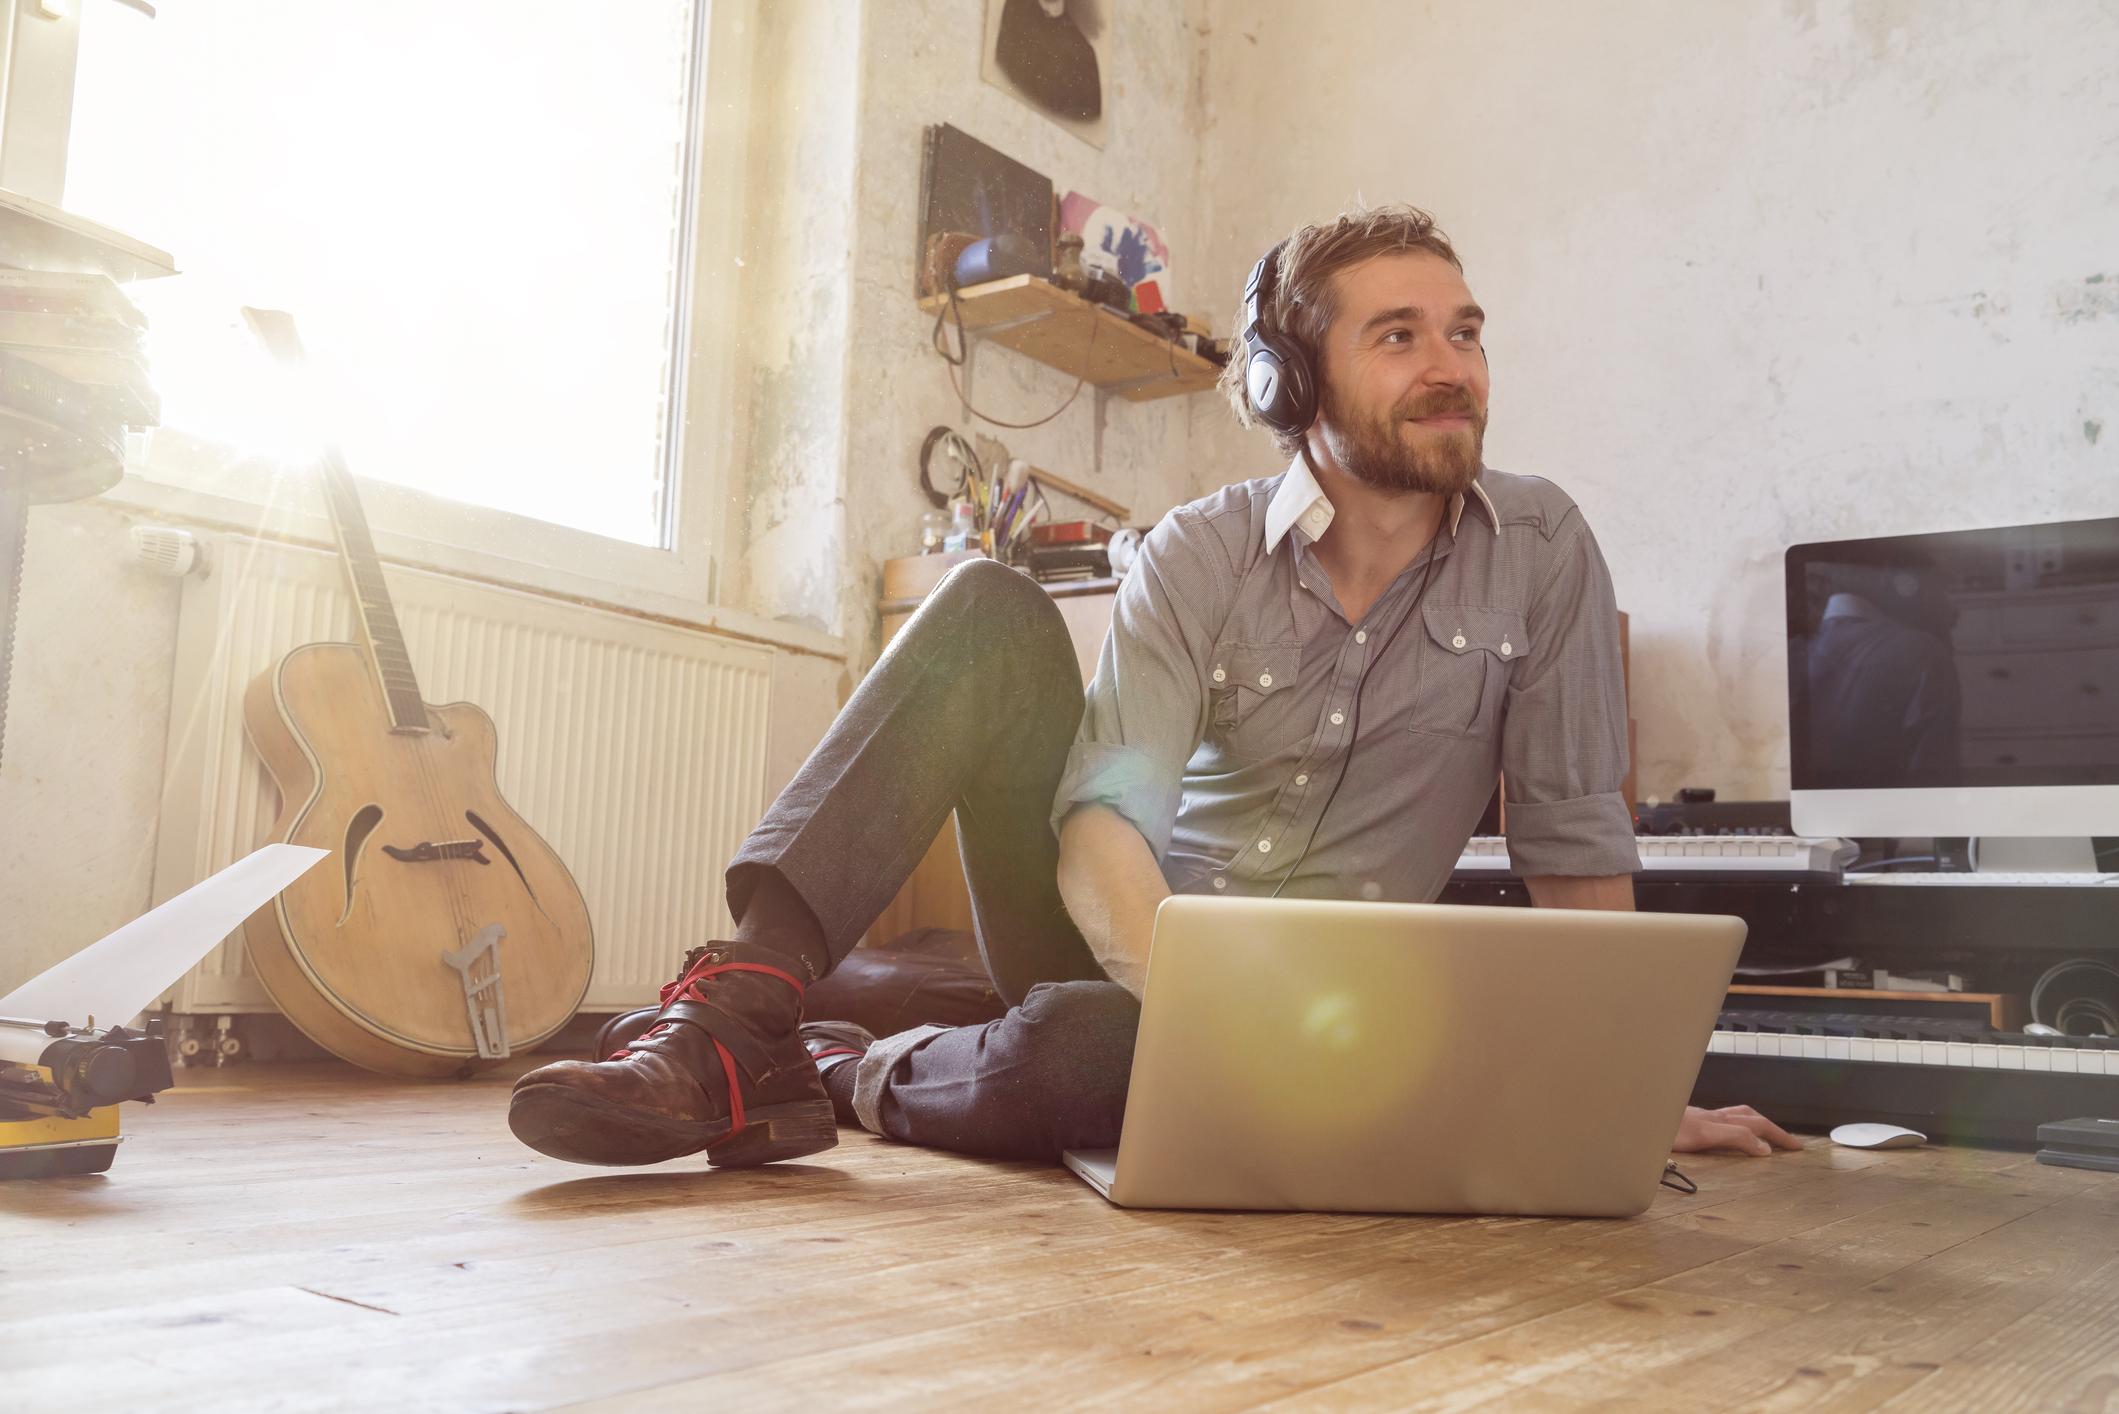 Die besten Bose-Kopfhörer im Überblick – diese Headphones können überzeugen